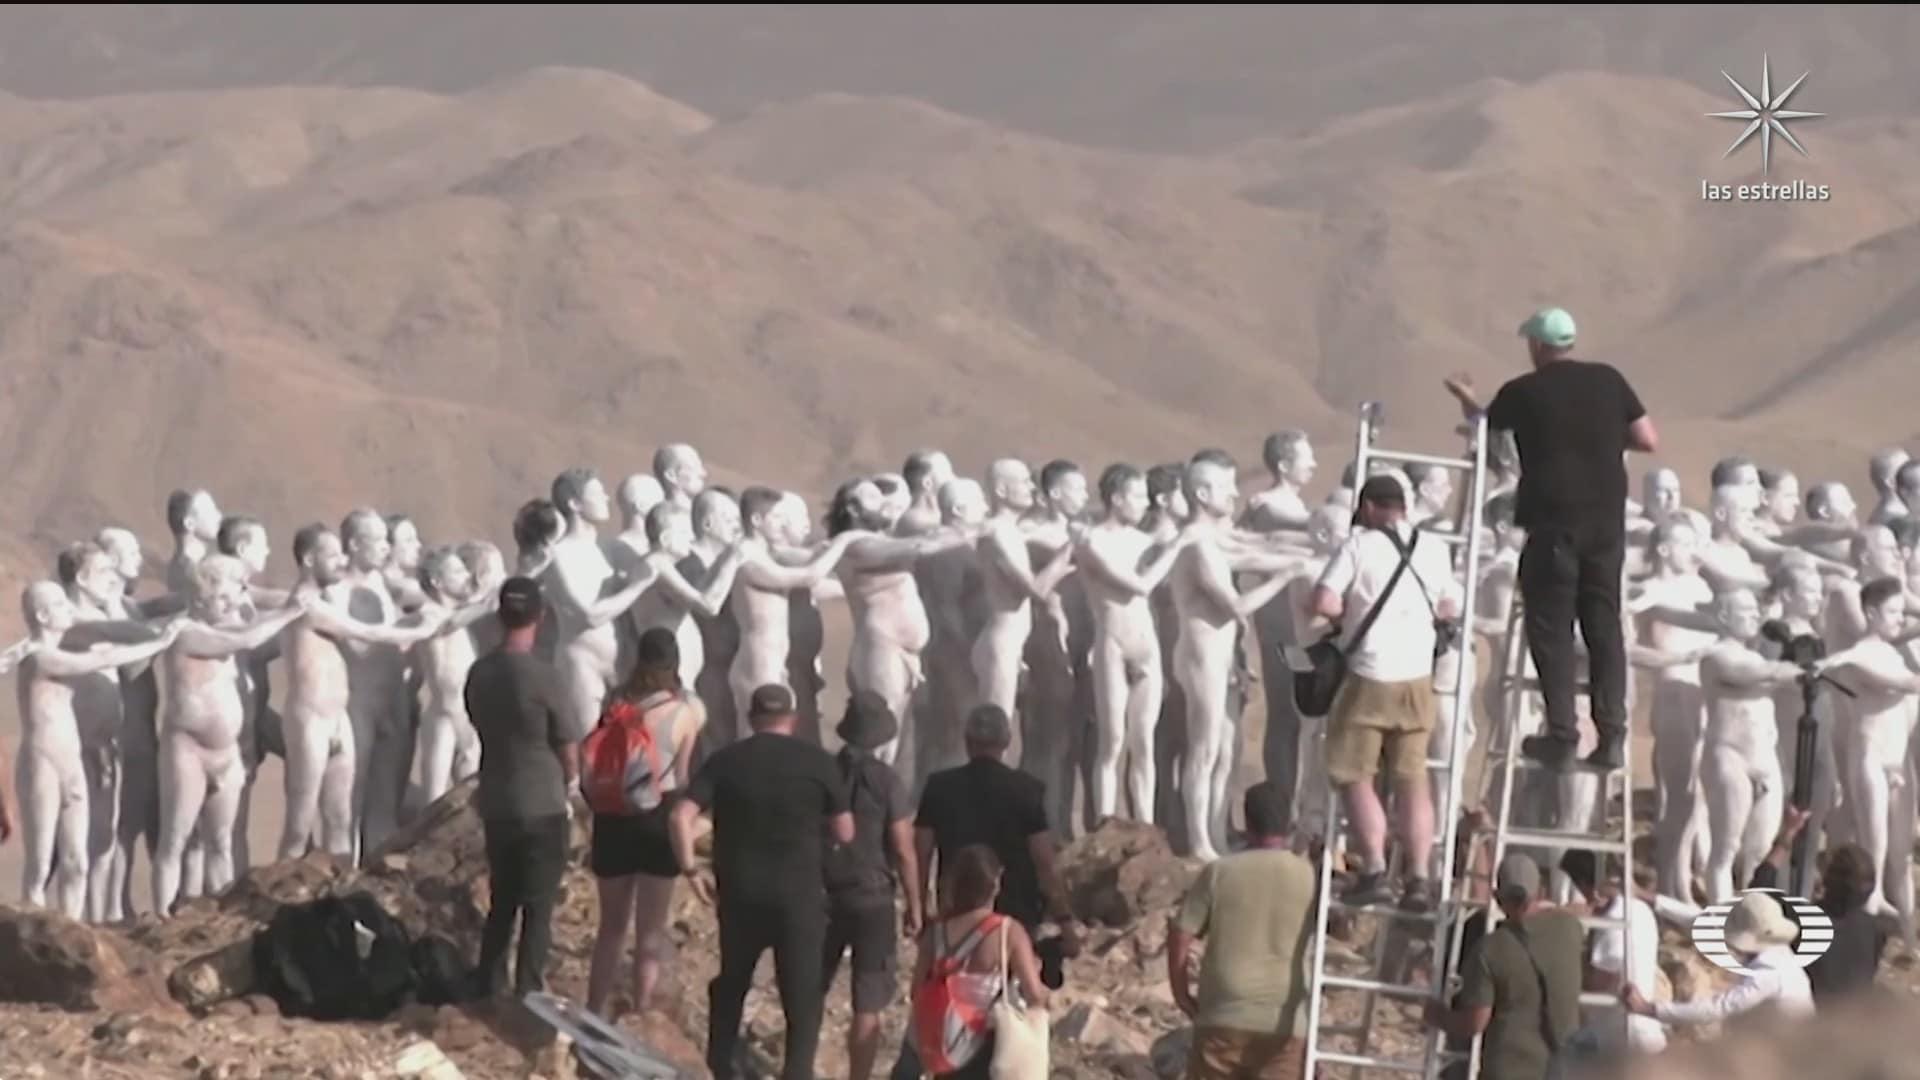 desnudos con spencer tunik para salvar la vida del mar muerto